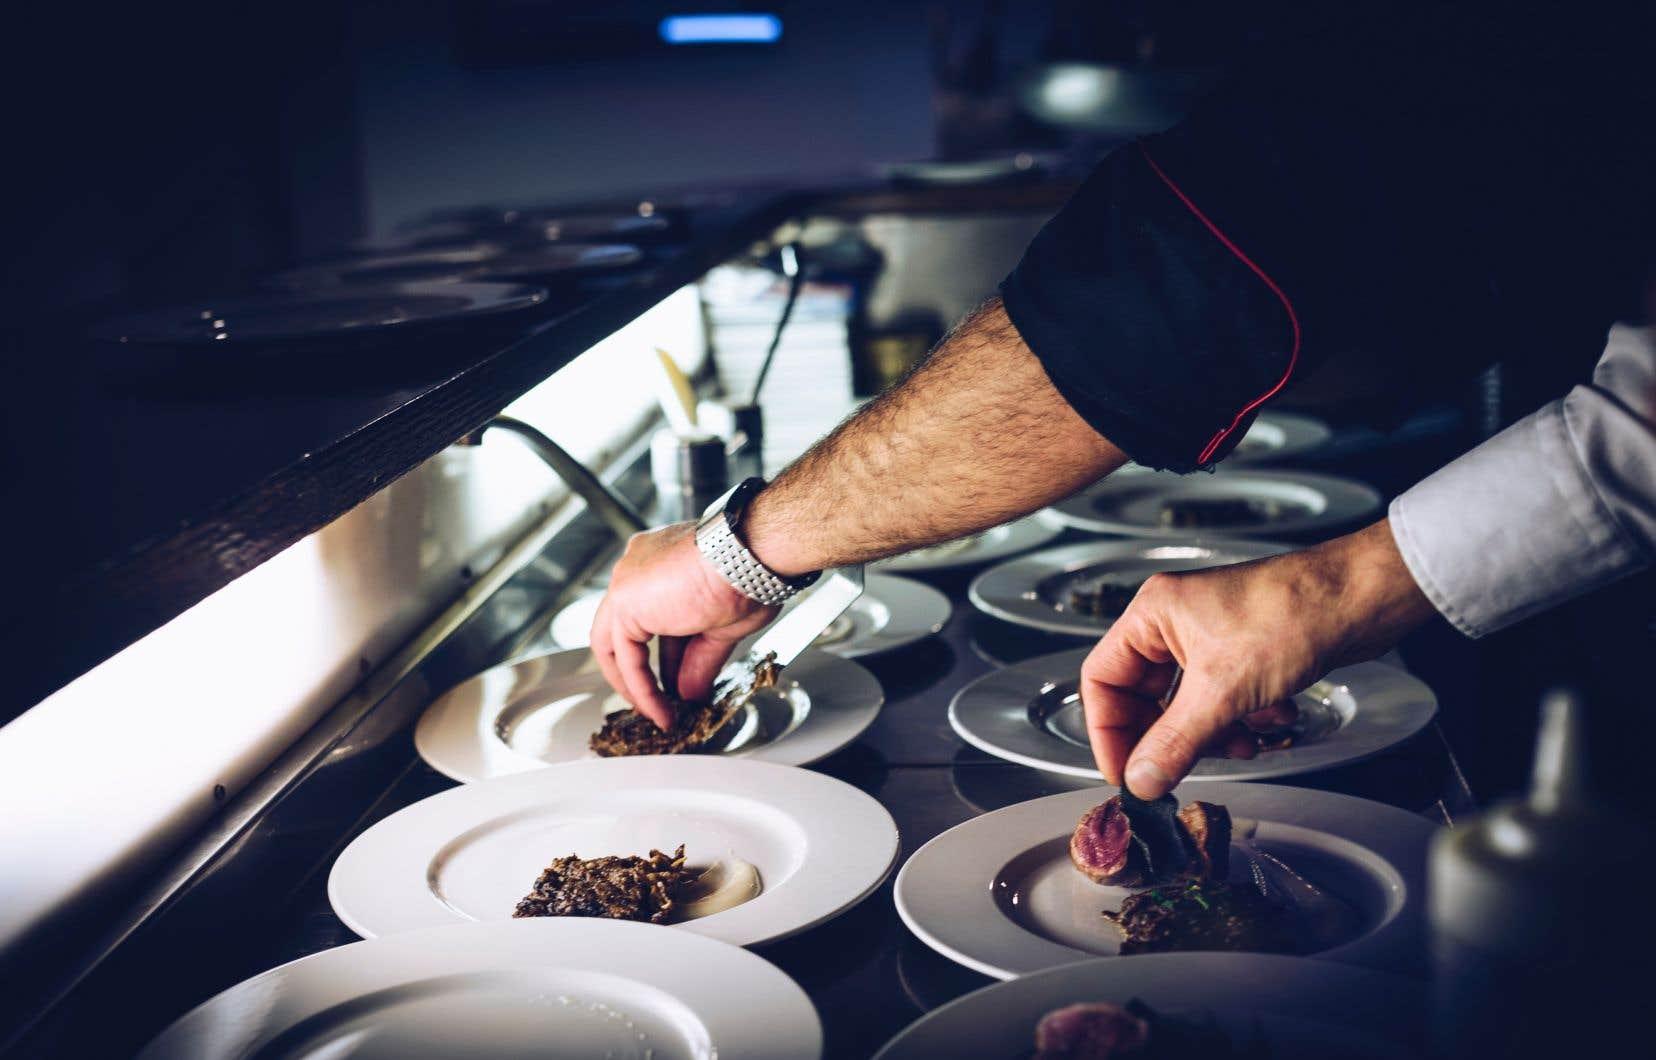 Un programme de courte durée pour former des aides-cuisiniers dans neuf régions du Québec a été instauré.